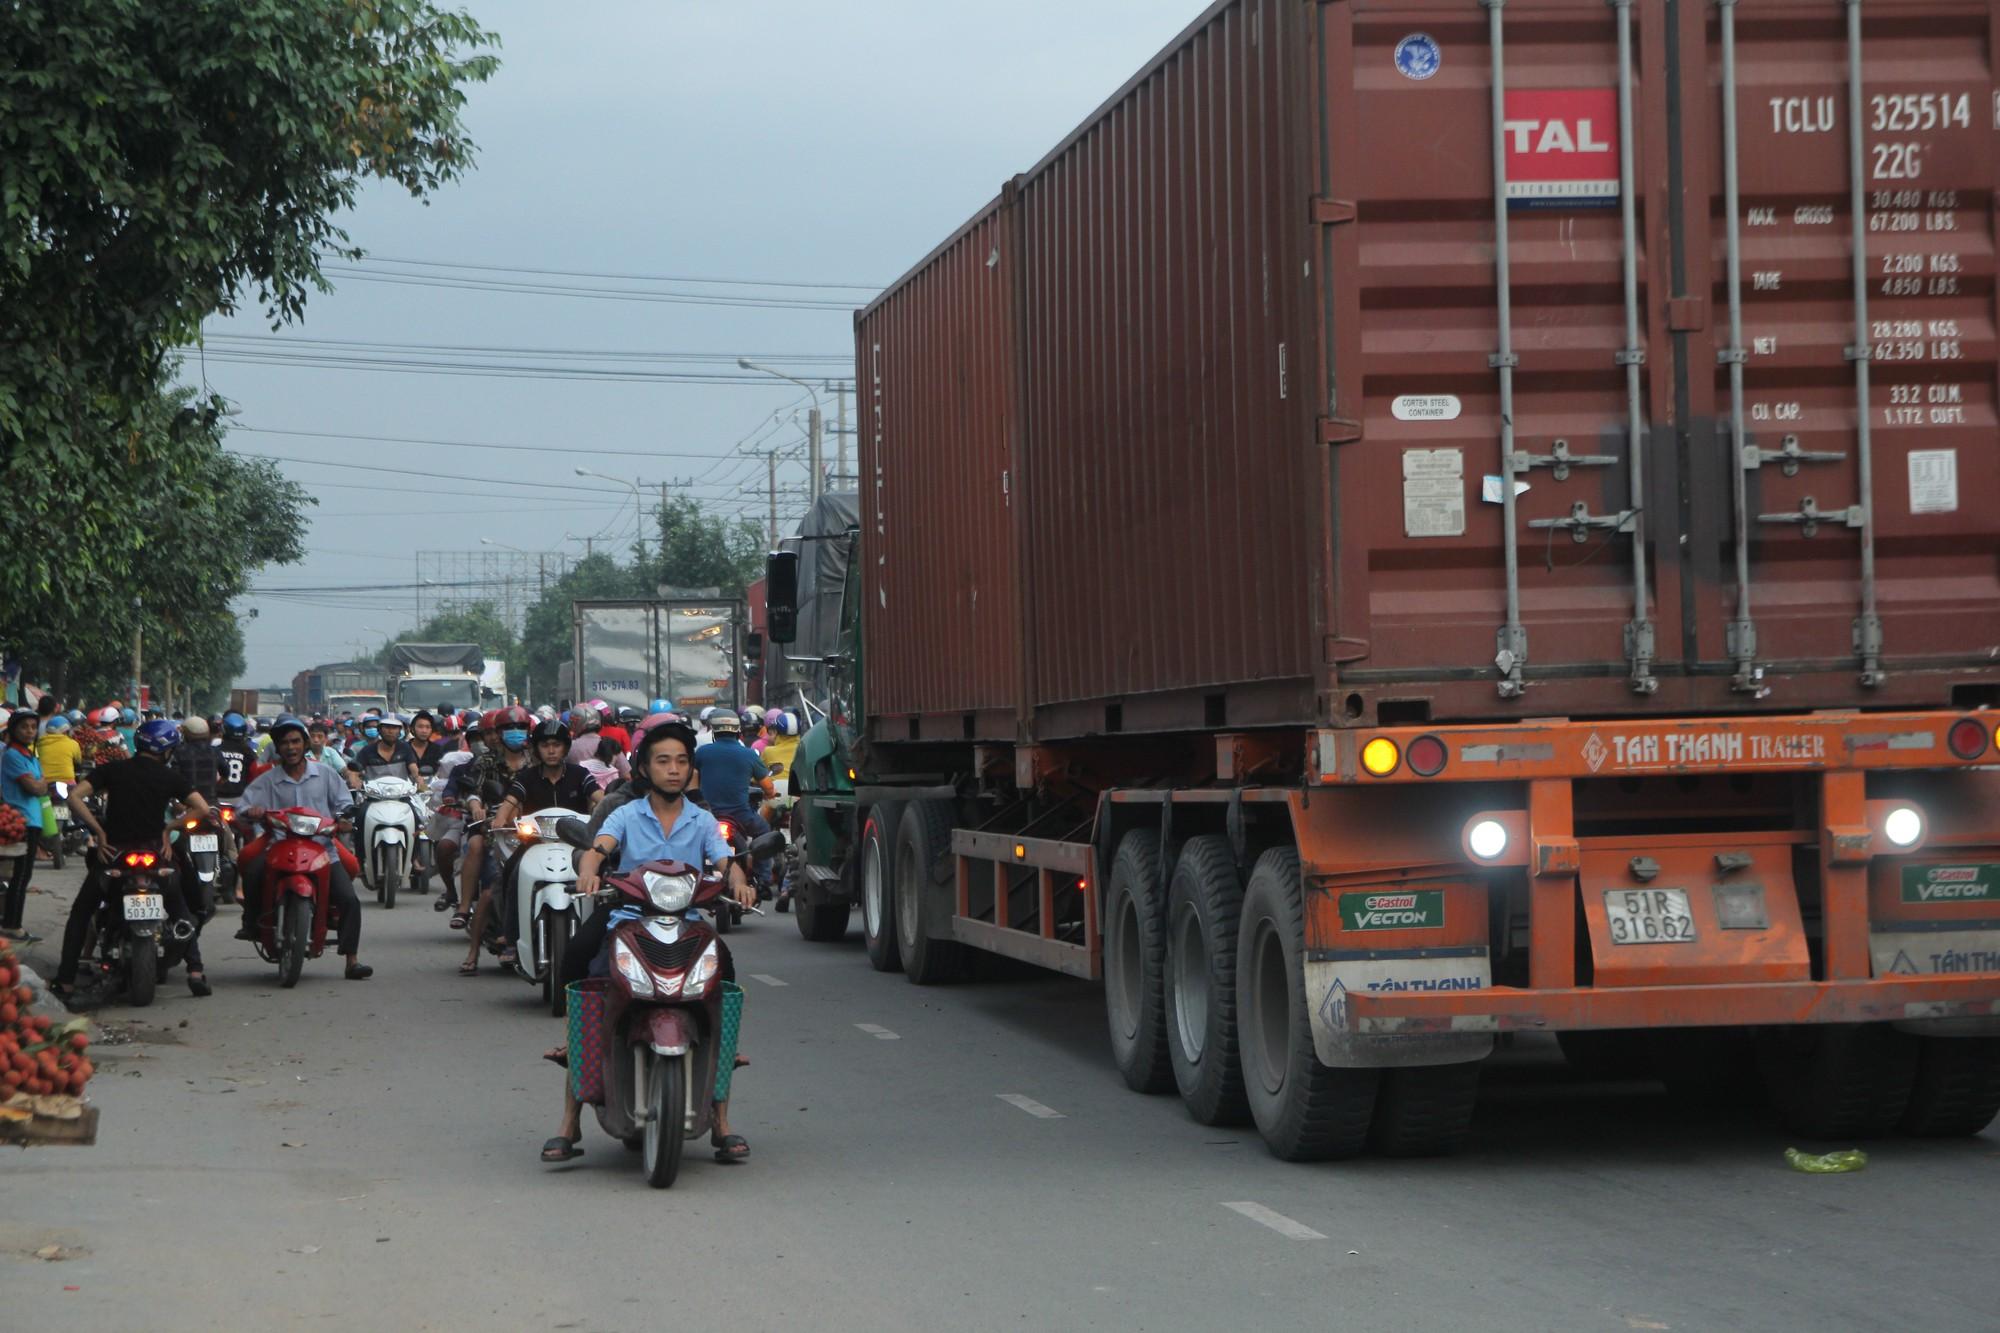 Hàng trăm phương tiện chôn chân trên đường, giao thông tê liệt - Ảnh 3.